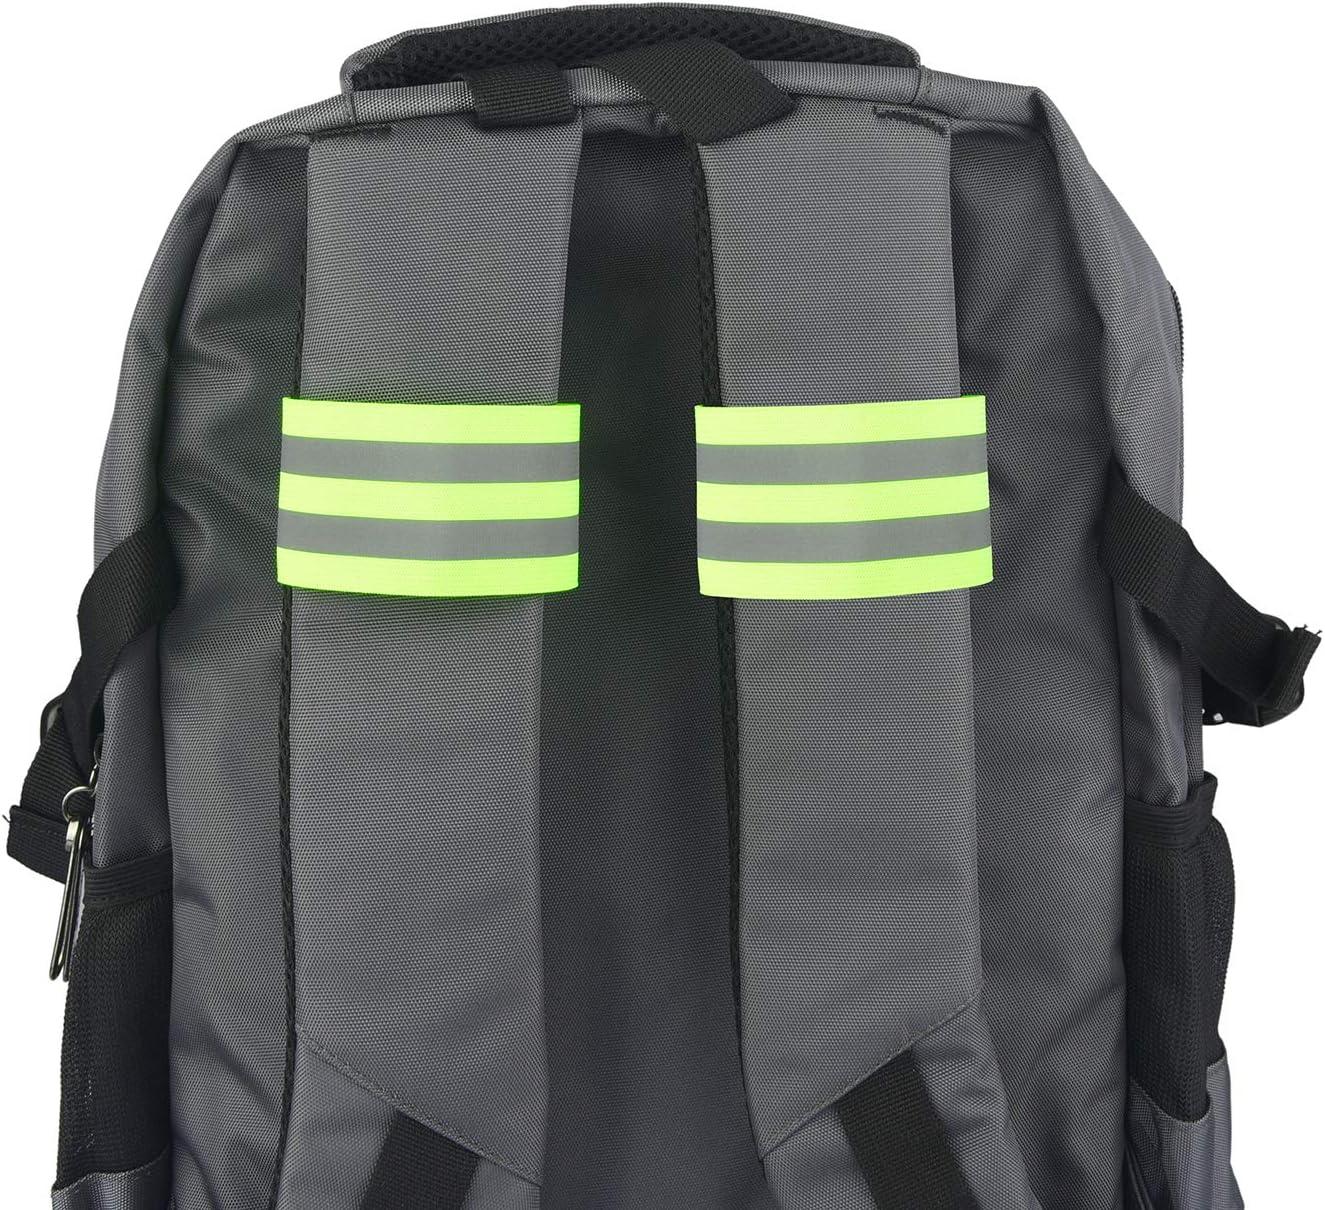 Jogging Corsa HOGAR AMO Fascia Catarifrangente Bracciale//Cintura di Sicurezza Bande Riflettenti per Esterno Adulti e Bambini Ciclismo